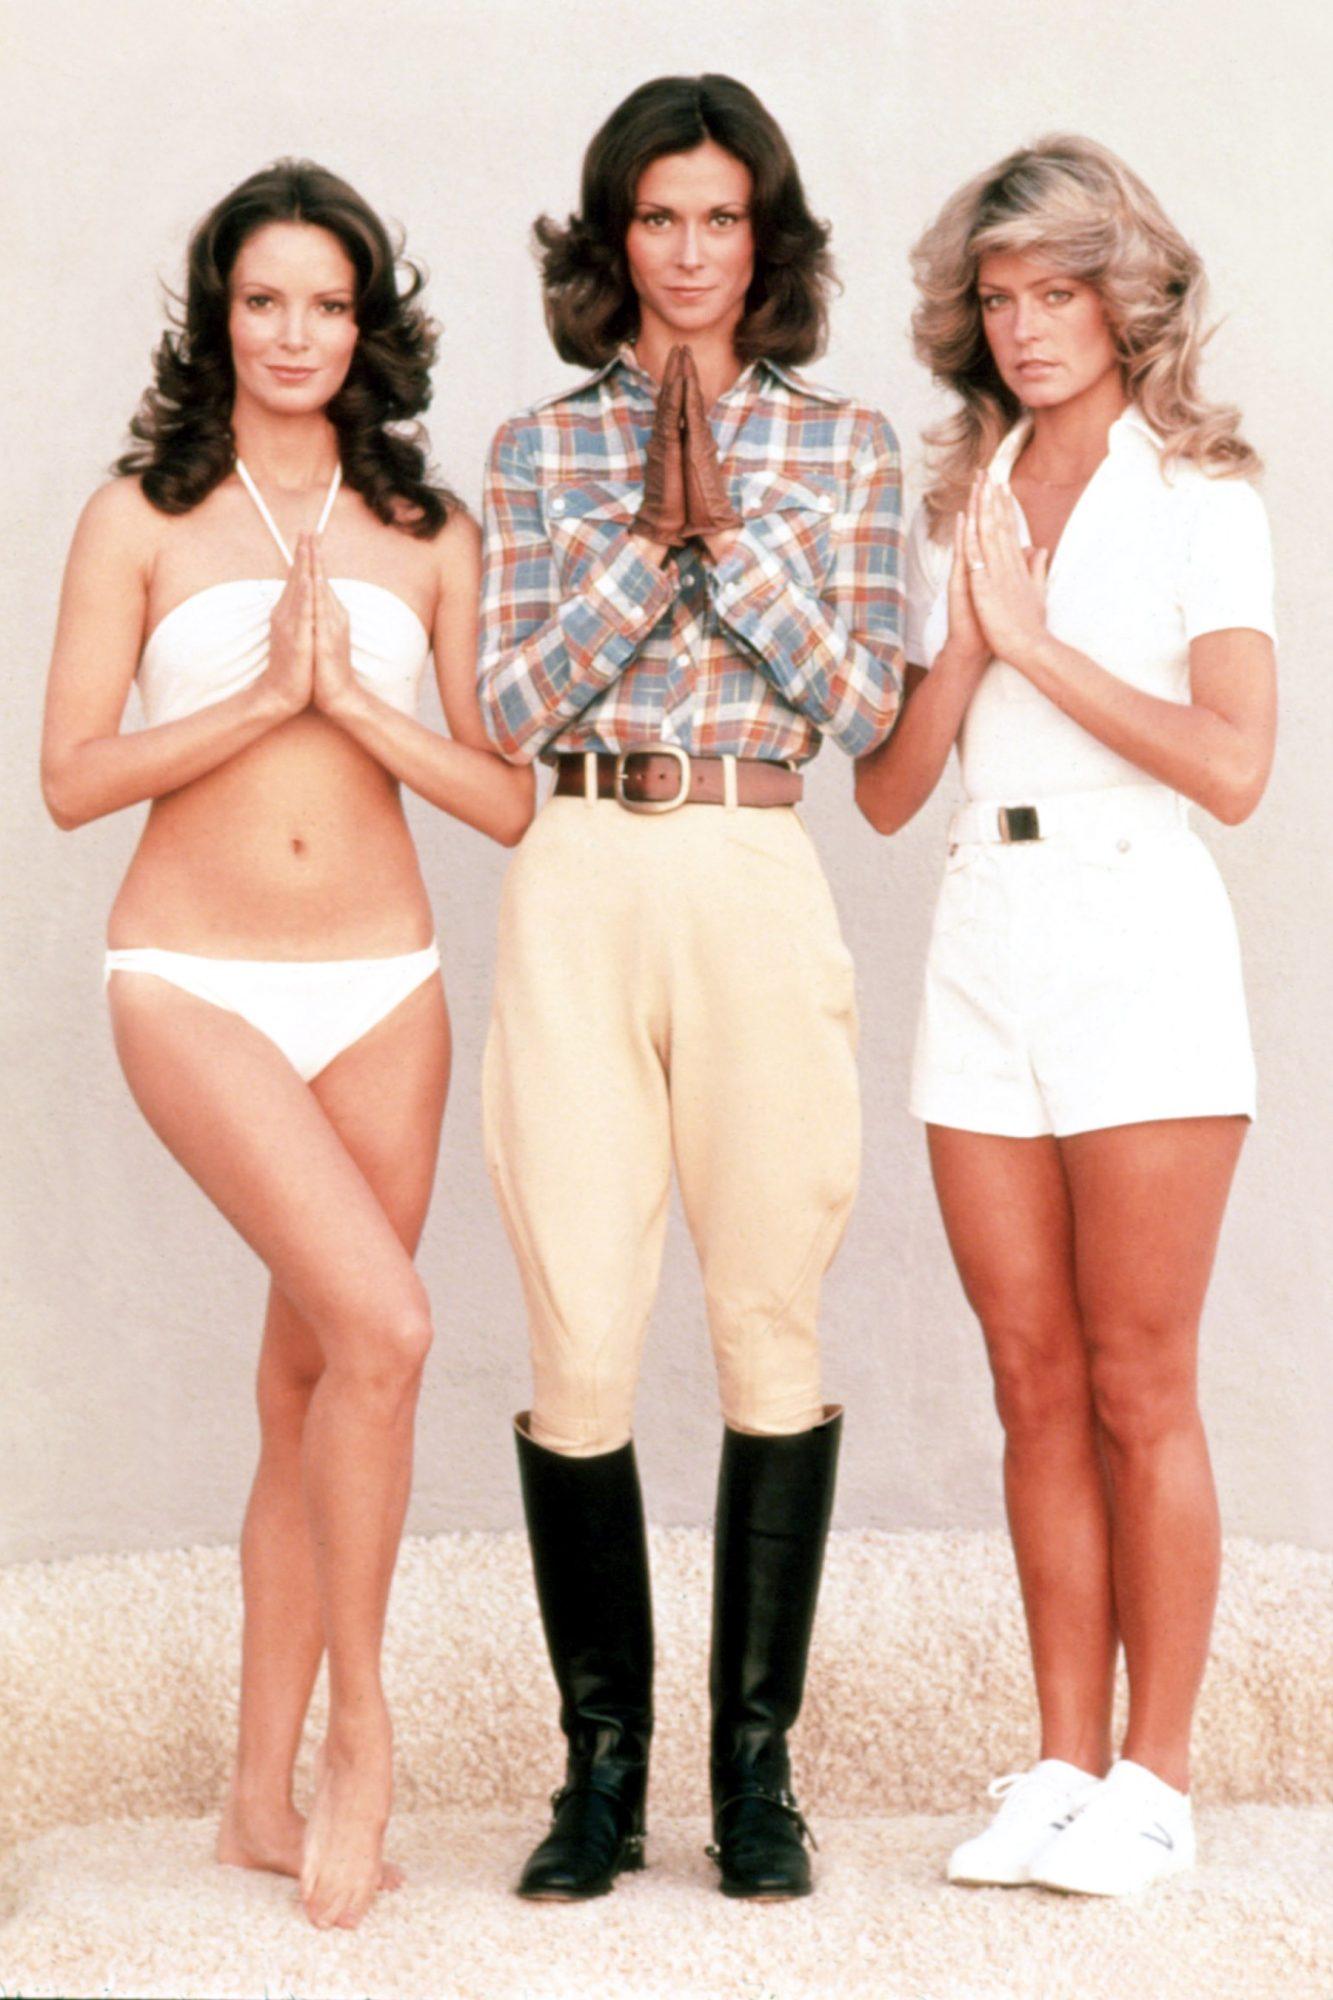 CHARLIE'S ANGELS, Jaclyn Smith, Kate Jackson, Farrah Fawcett, 1976-1981